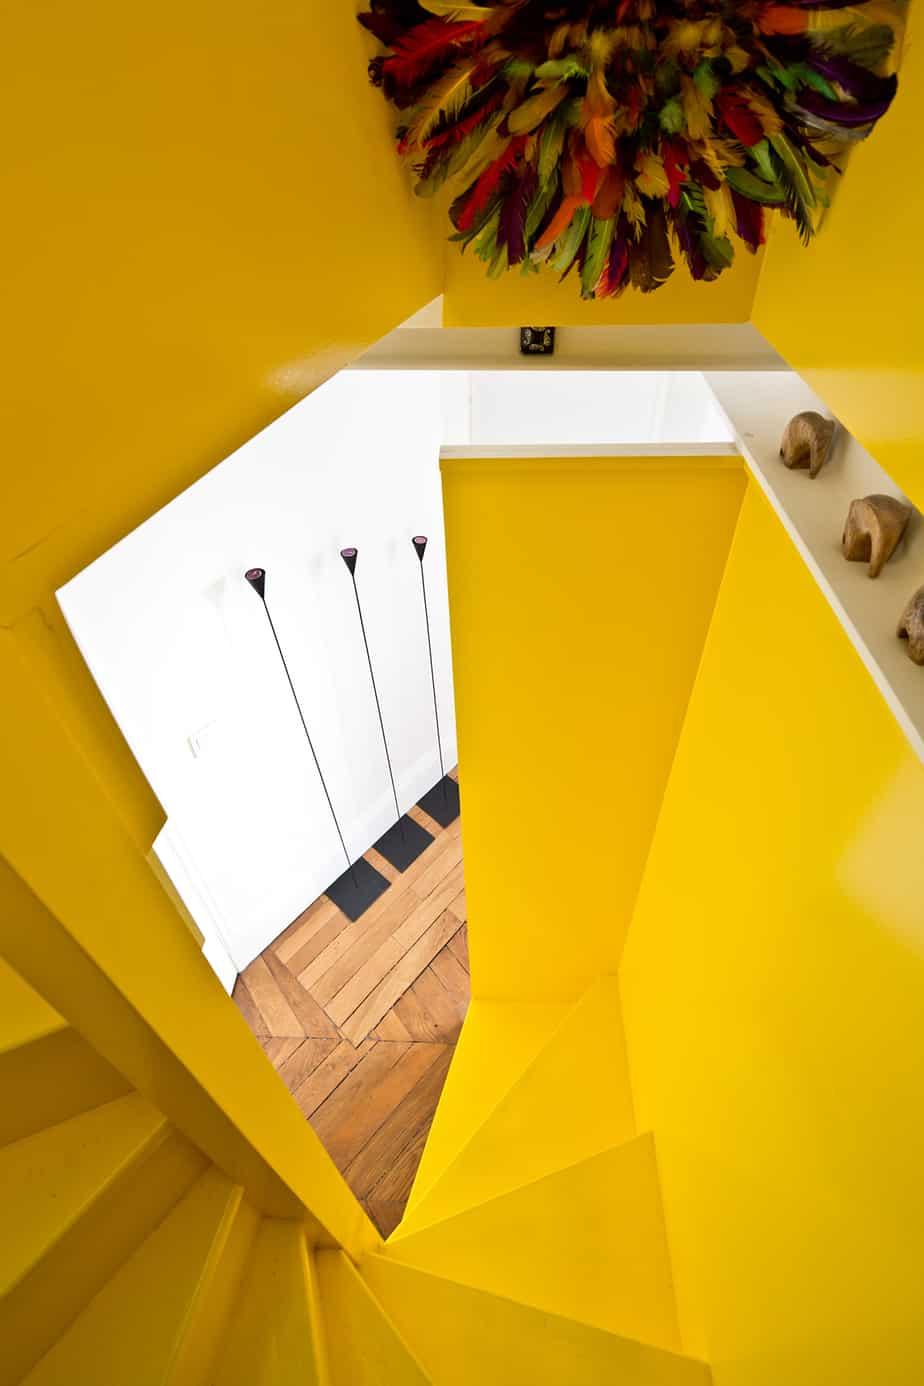 escalier jaune et design visite dun appartement parisien© Jonathan Letoublon Architecte Antonin Ziegler via Archibien 17 - Visite d'un appartement Archibien à Paris